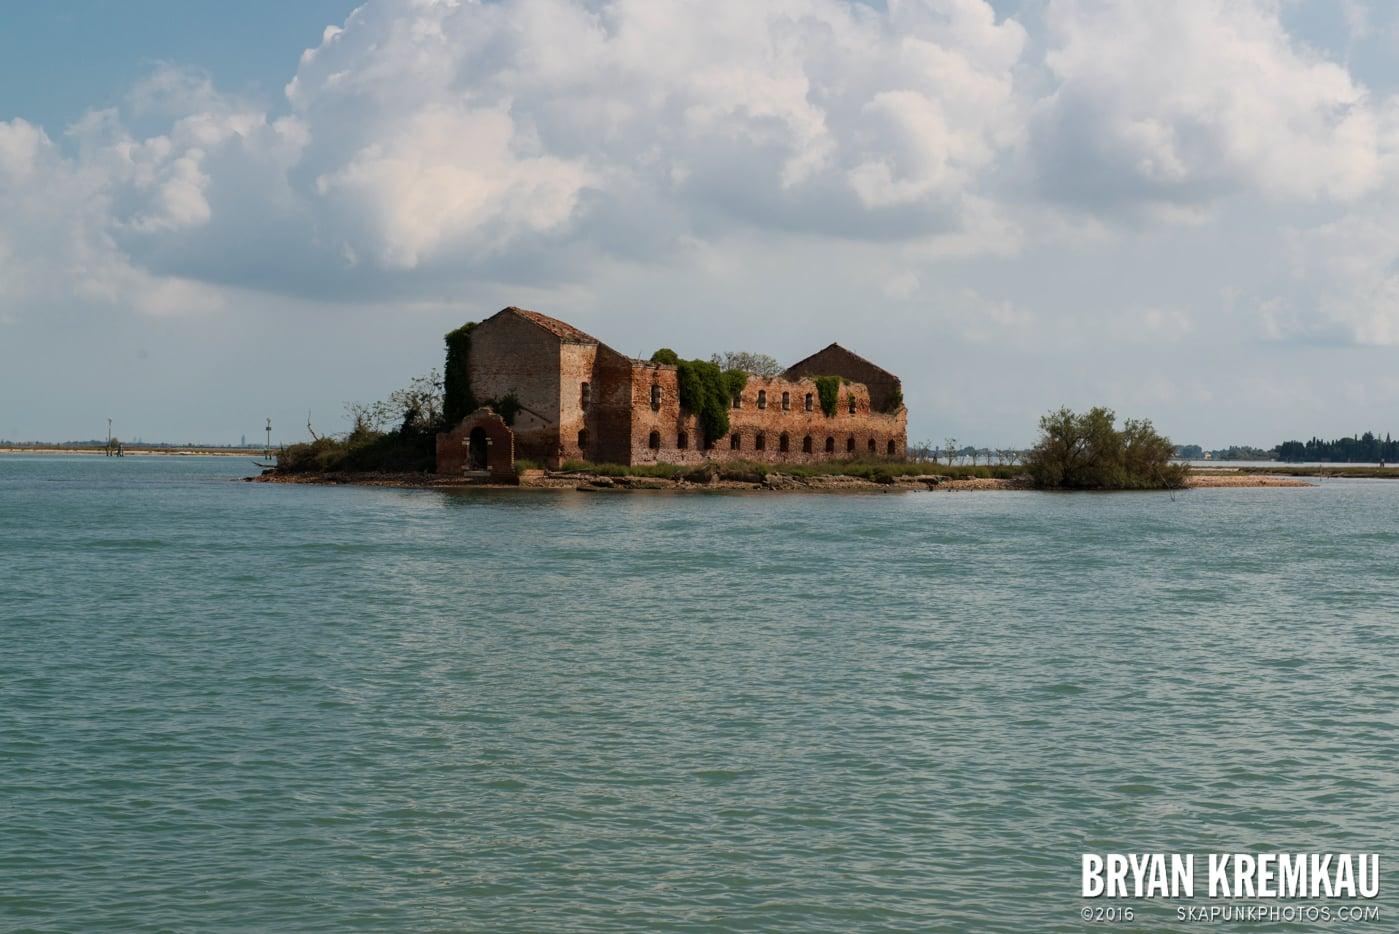 Italy Vacation - Day 6: Murano, Burano, Venice - 9.14.13 (73)